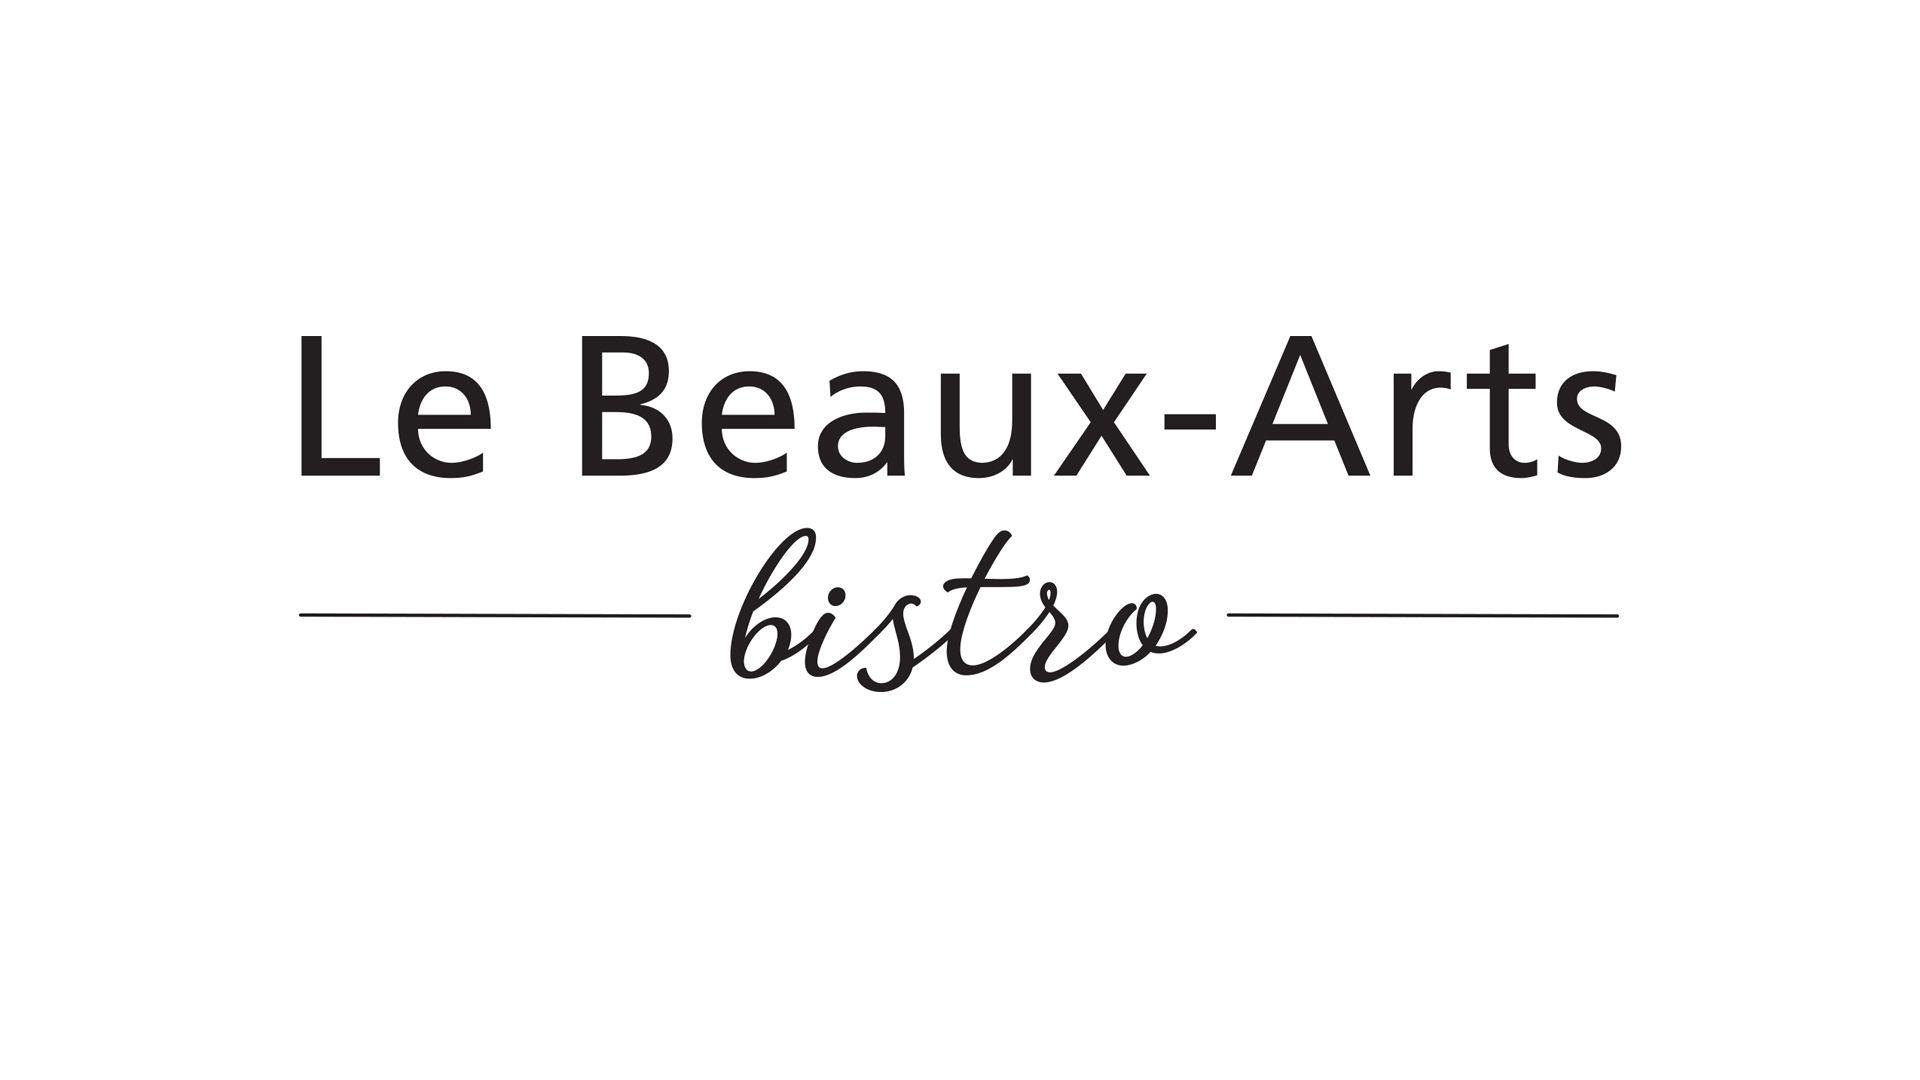 Le Beaux-Arts bistro